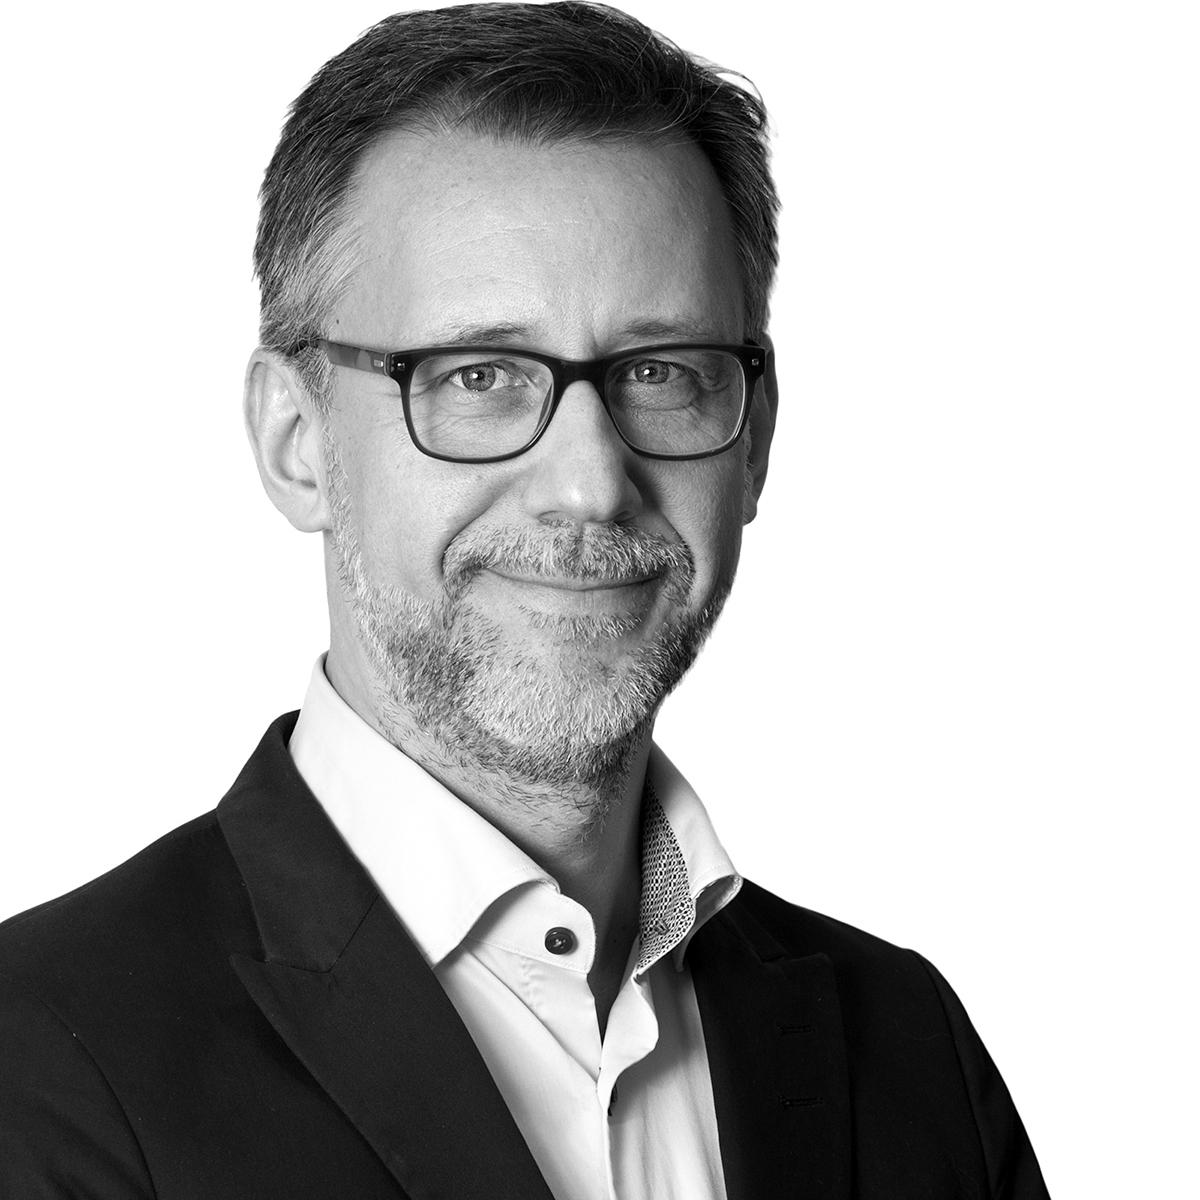 Christer Blomberg